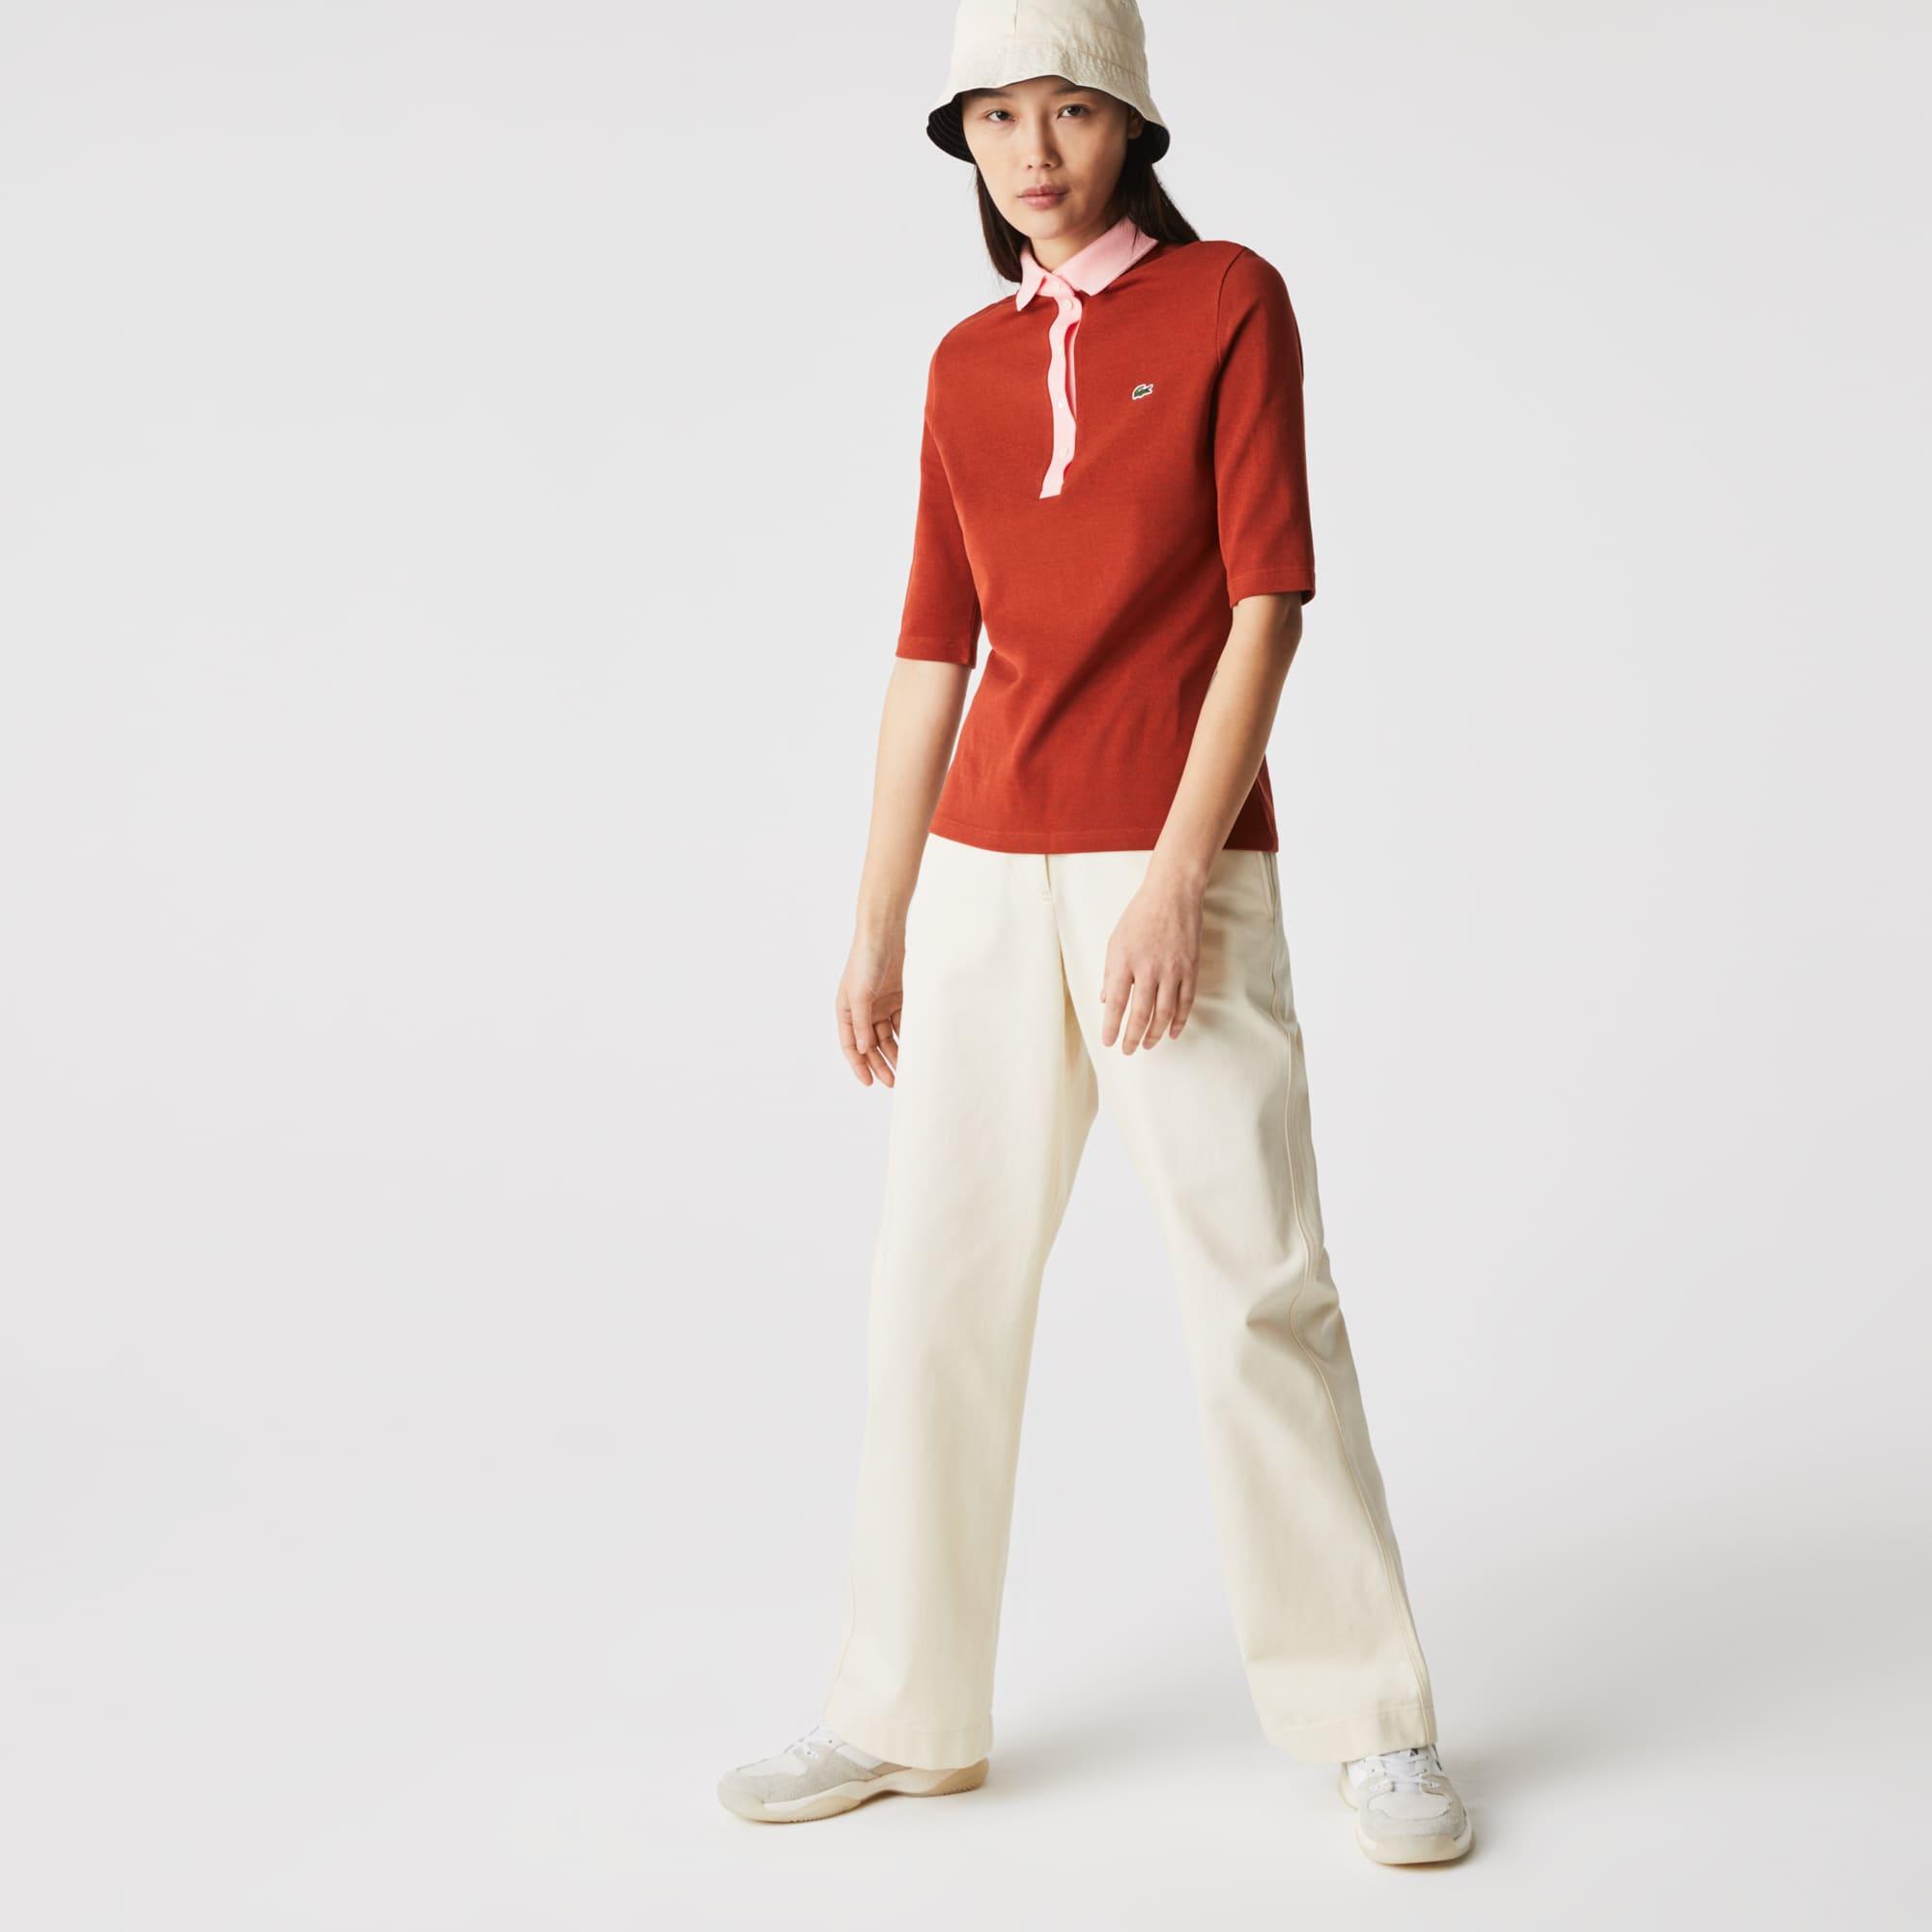 Lacoste Women's Slim Fit Cotton Polo Shirt